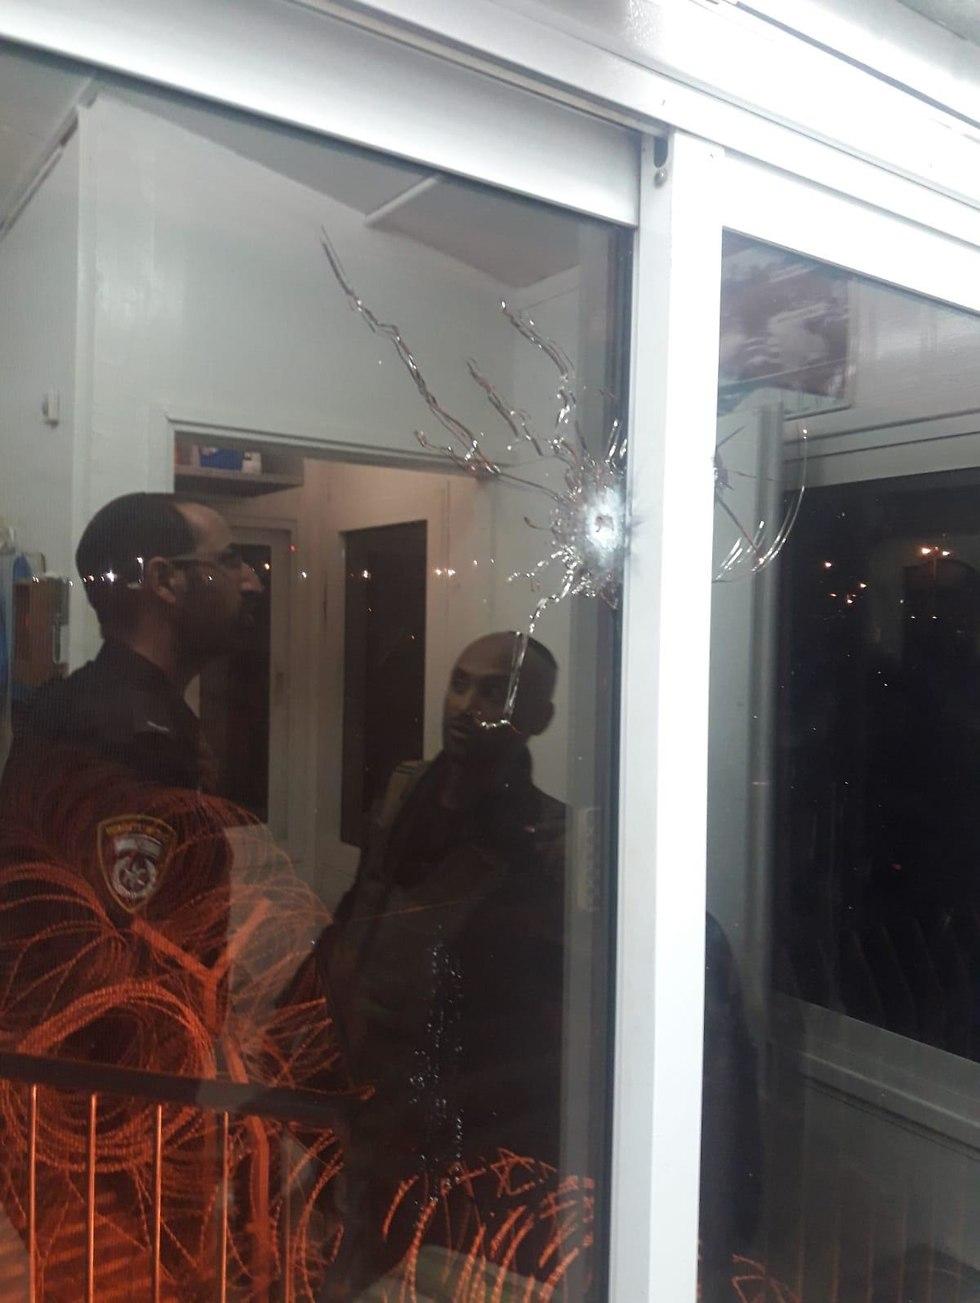 הפגיעה במגדל השמירה (צילום: דוברות שב